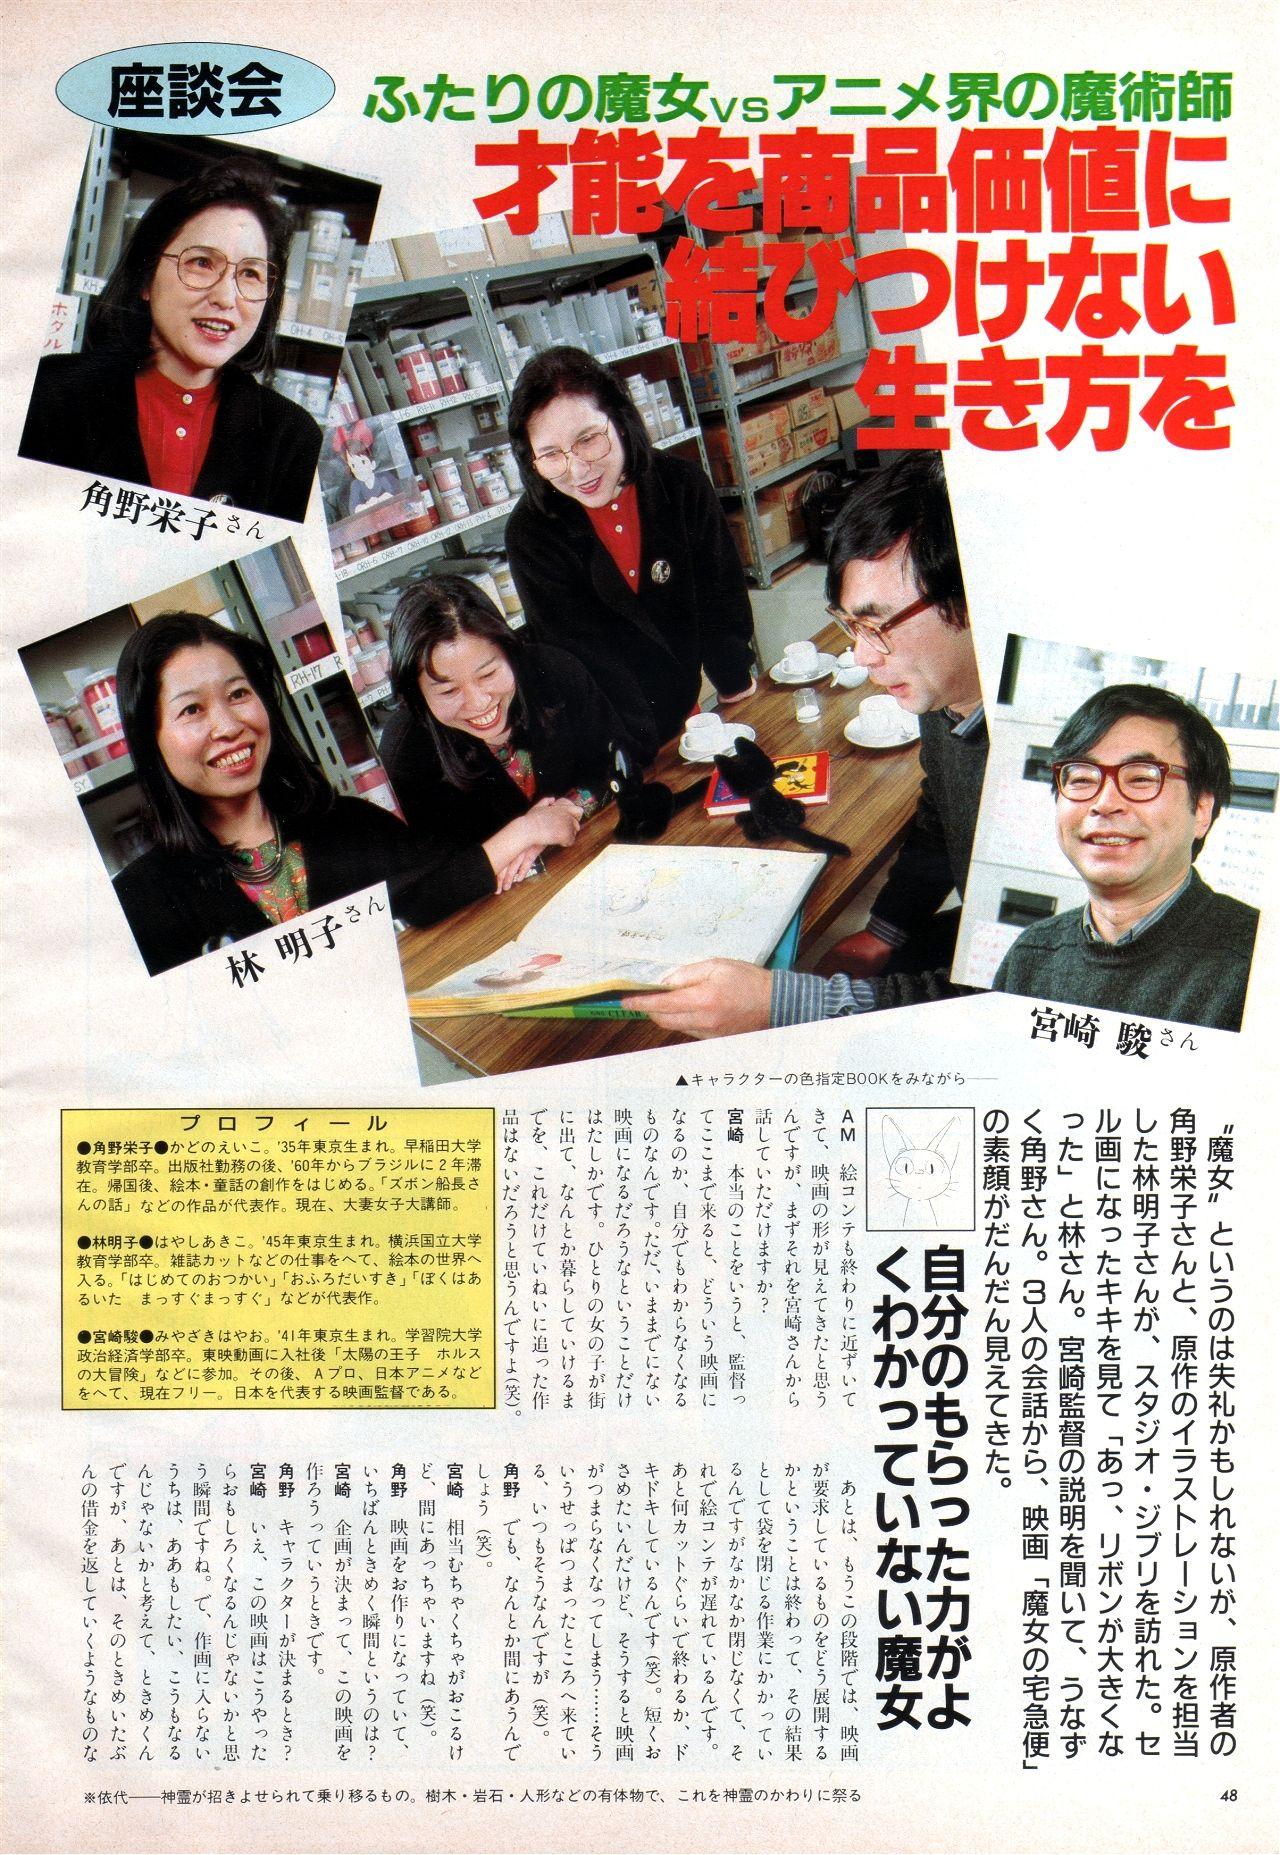 Full interview with hayao miyazaki eiko kadono author of